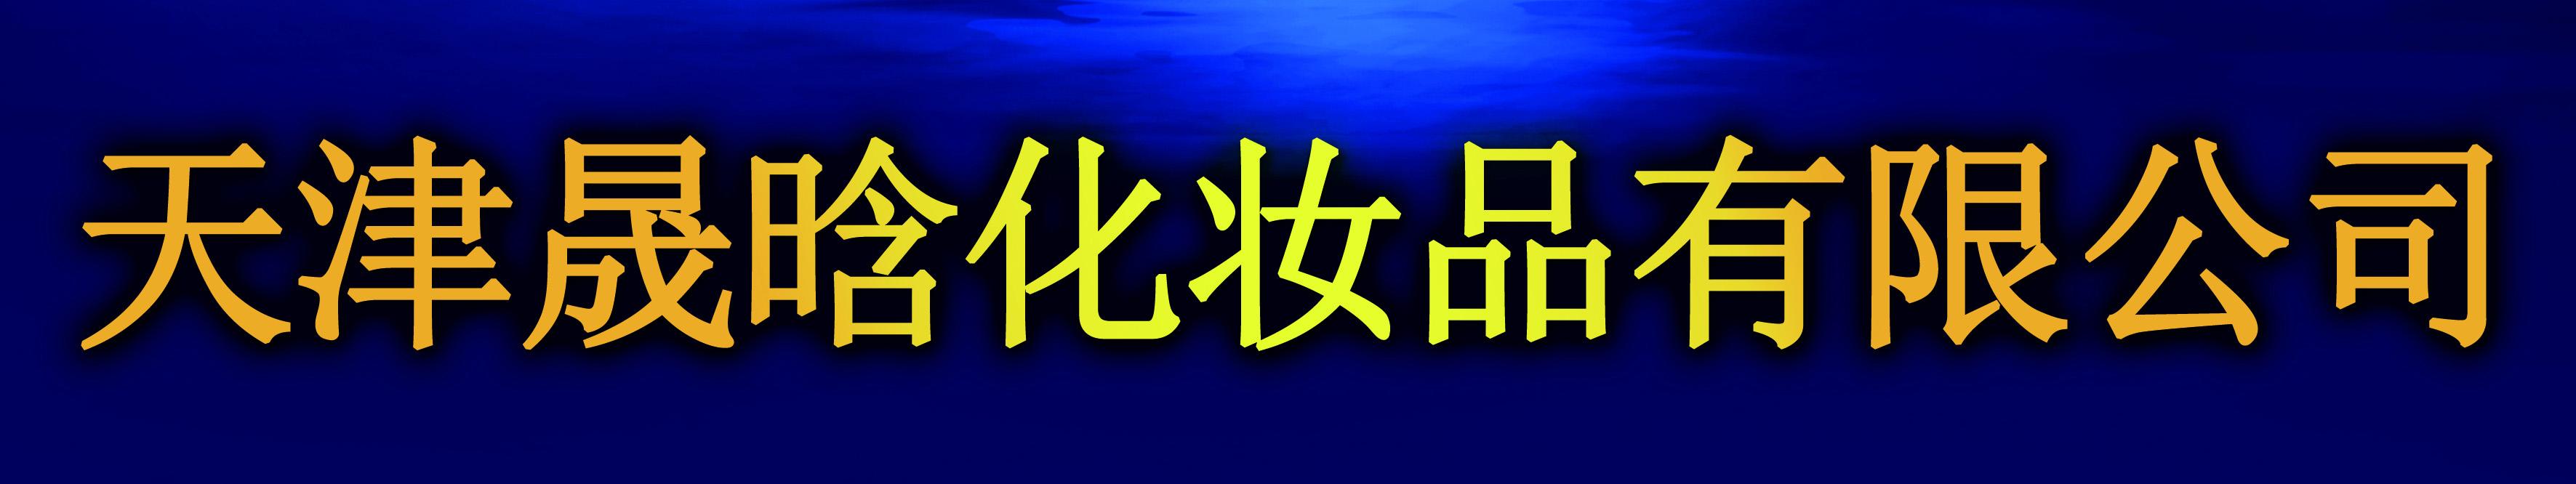 天津晟晗化�y品有限公司